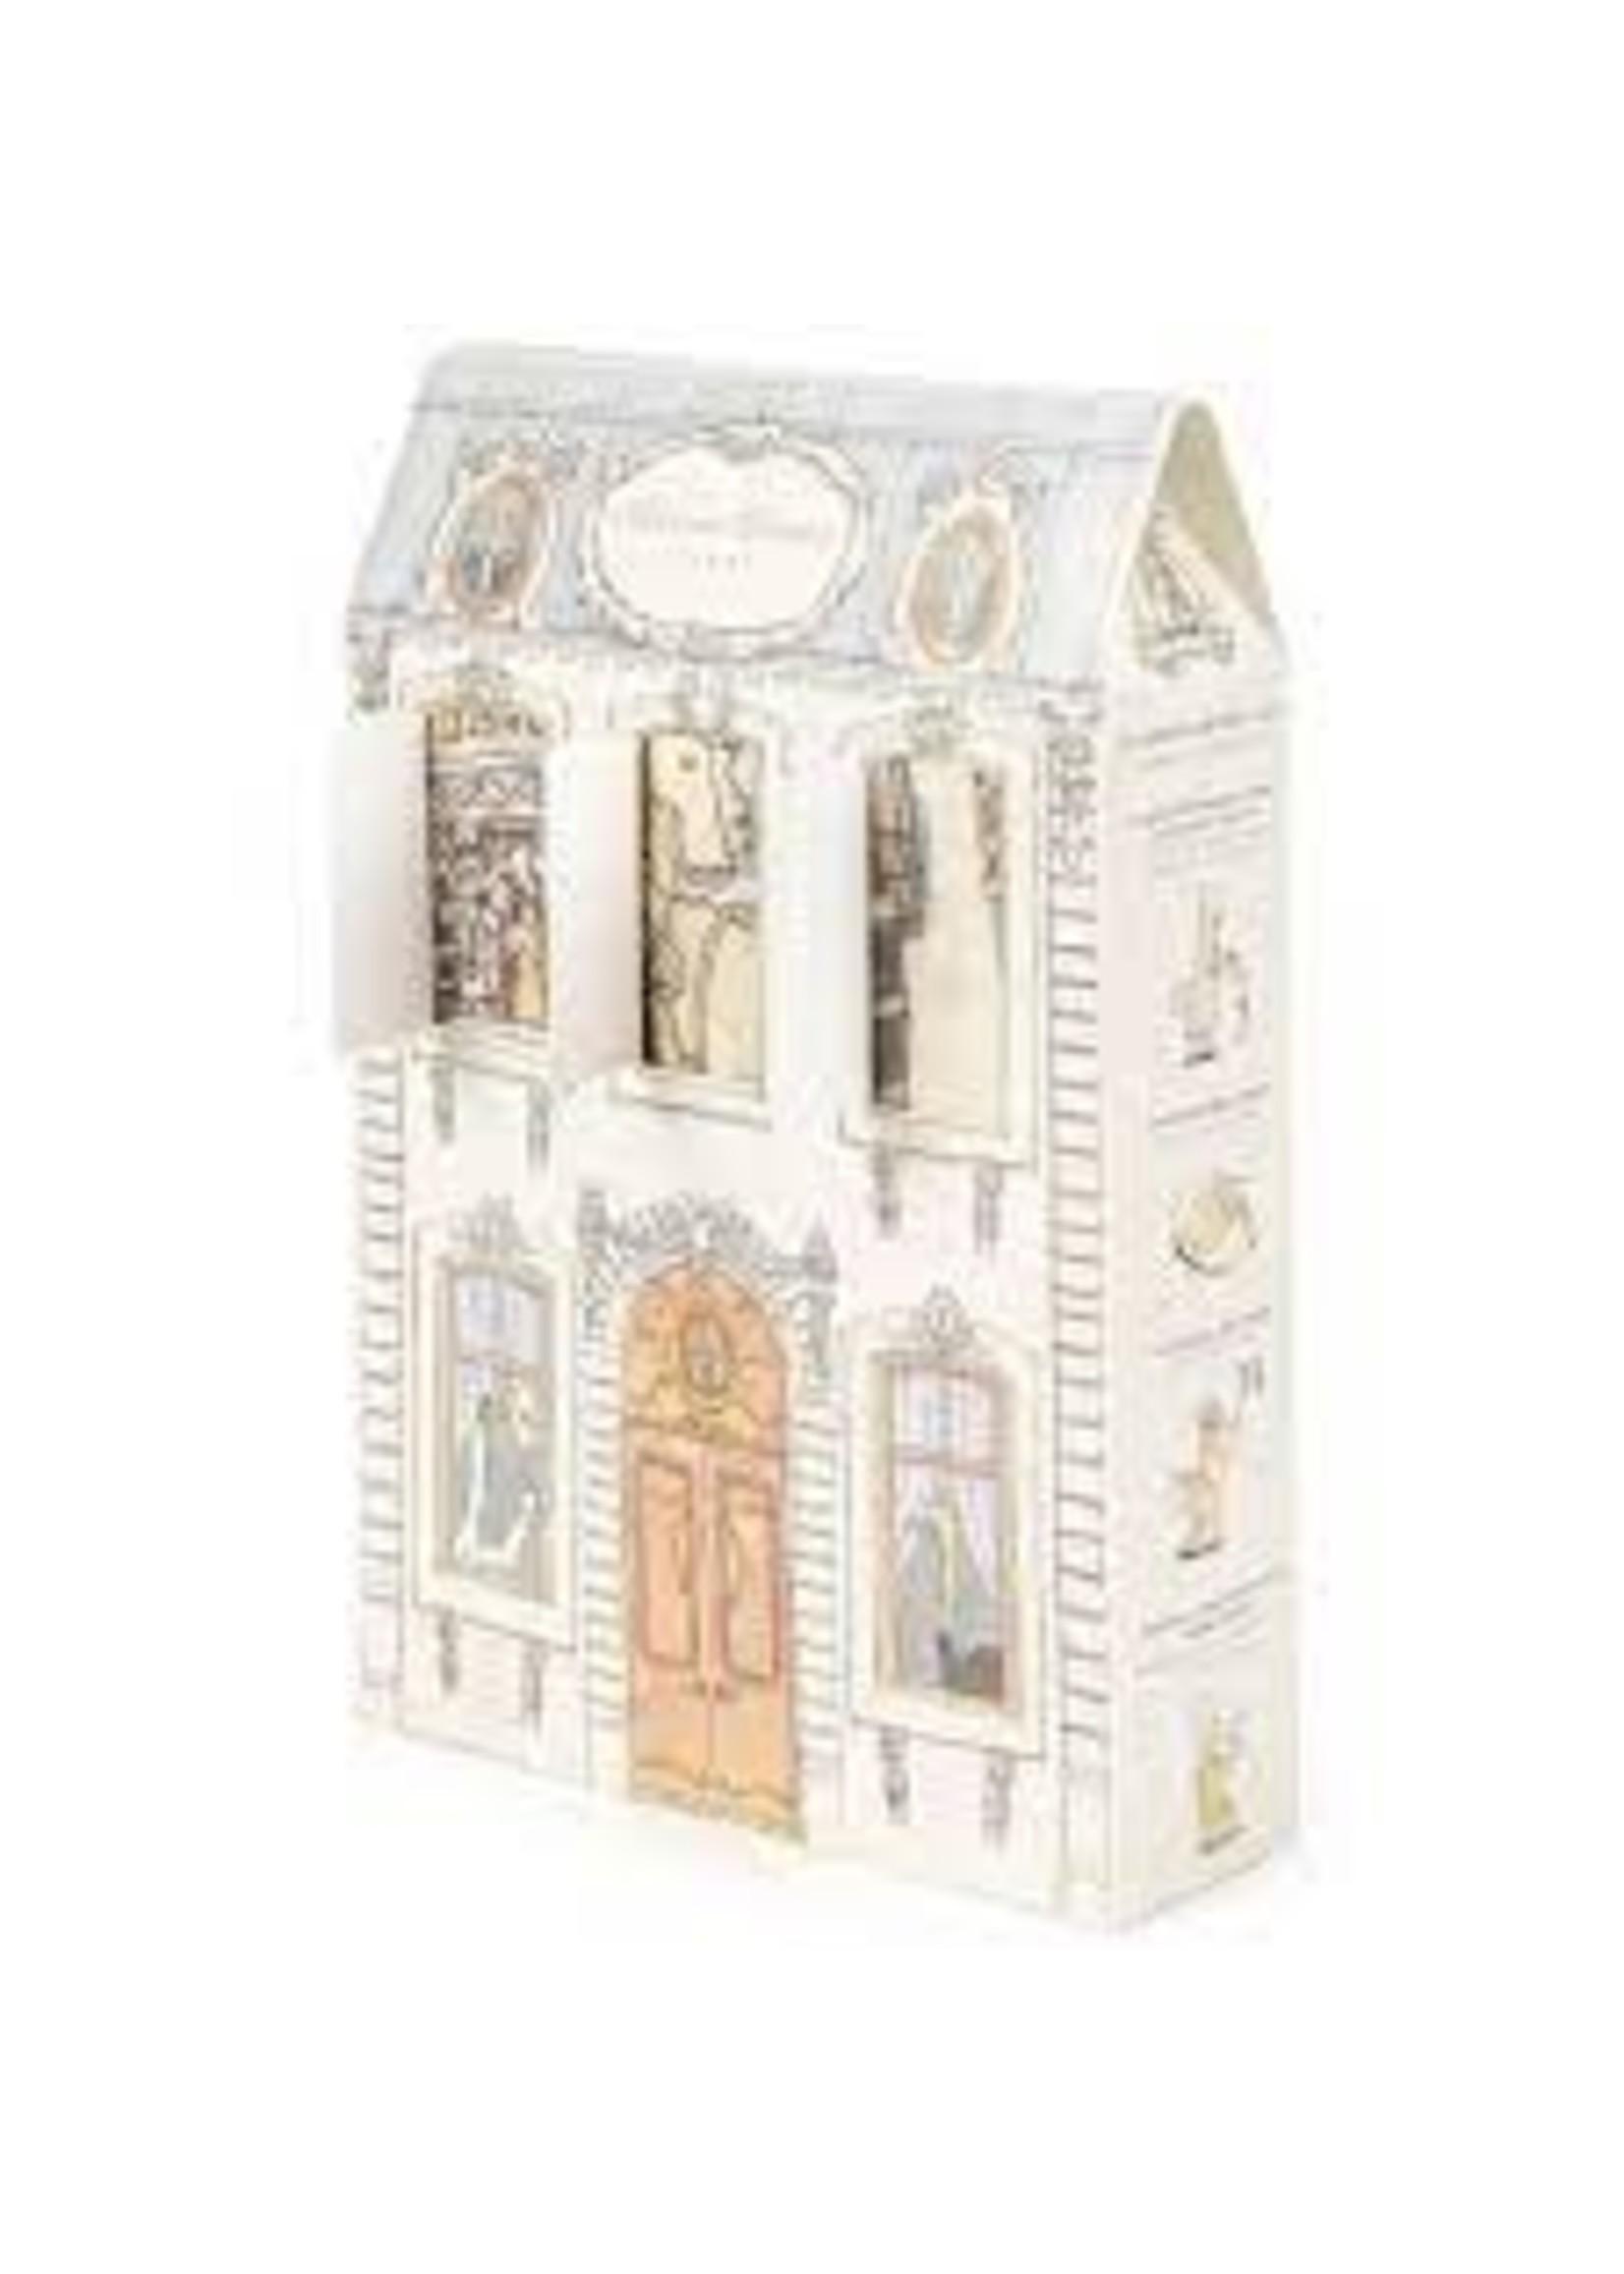 Atelier Choux Gift Box - Hotel Particulier